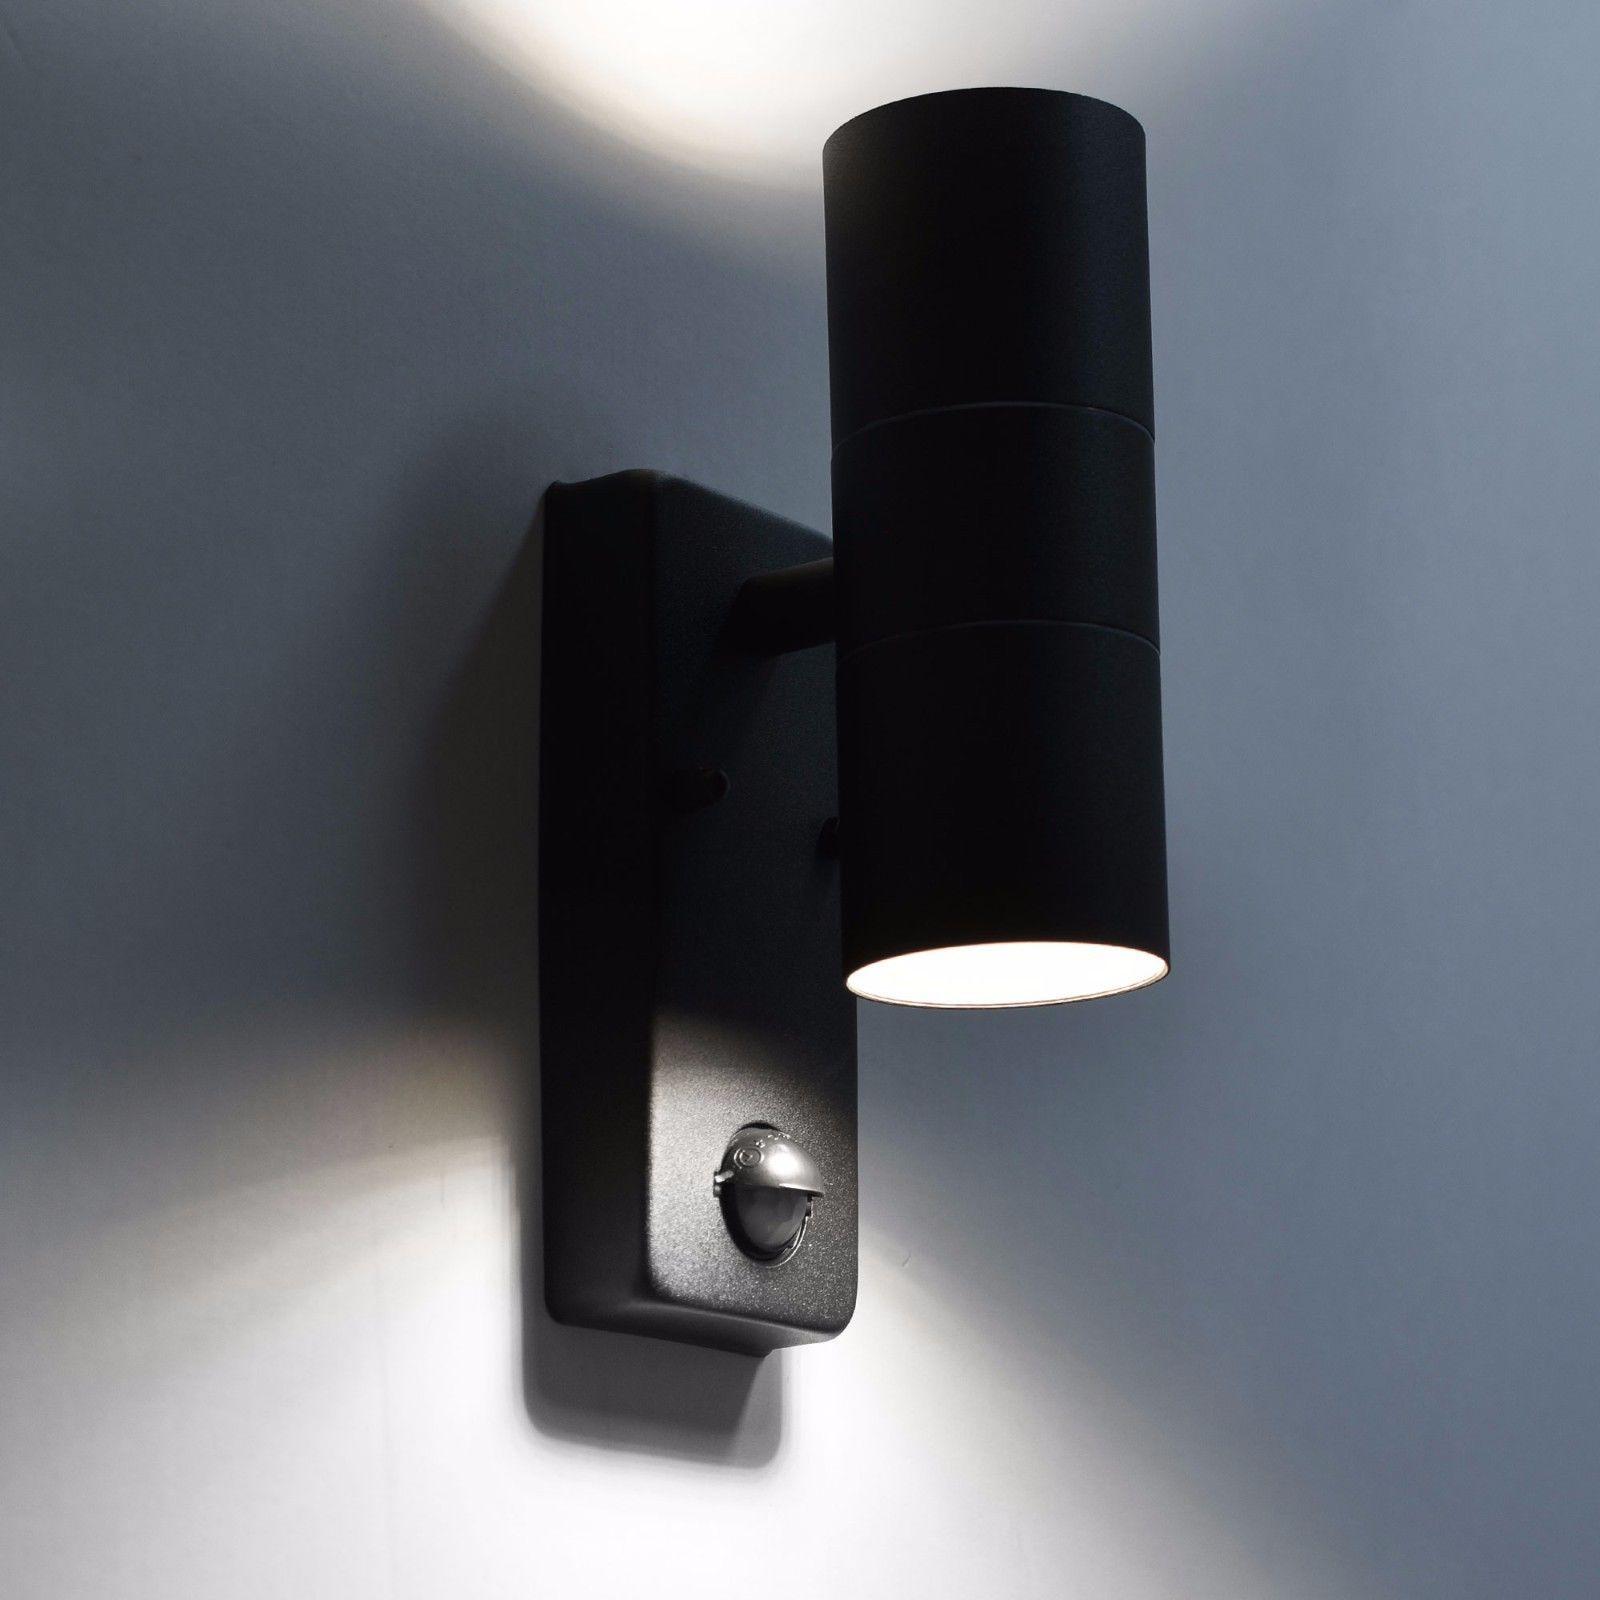 Design Wandleuchte mit LED Außenleuchte mit Bewegungsmelder Wandlampe Außenlampe